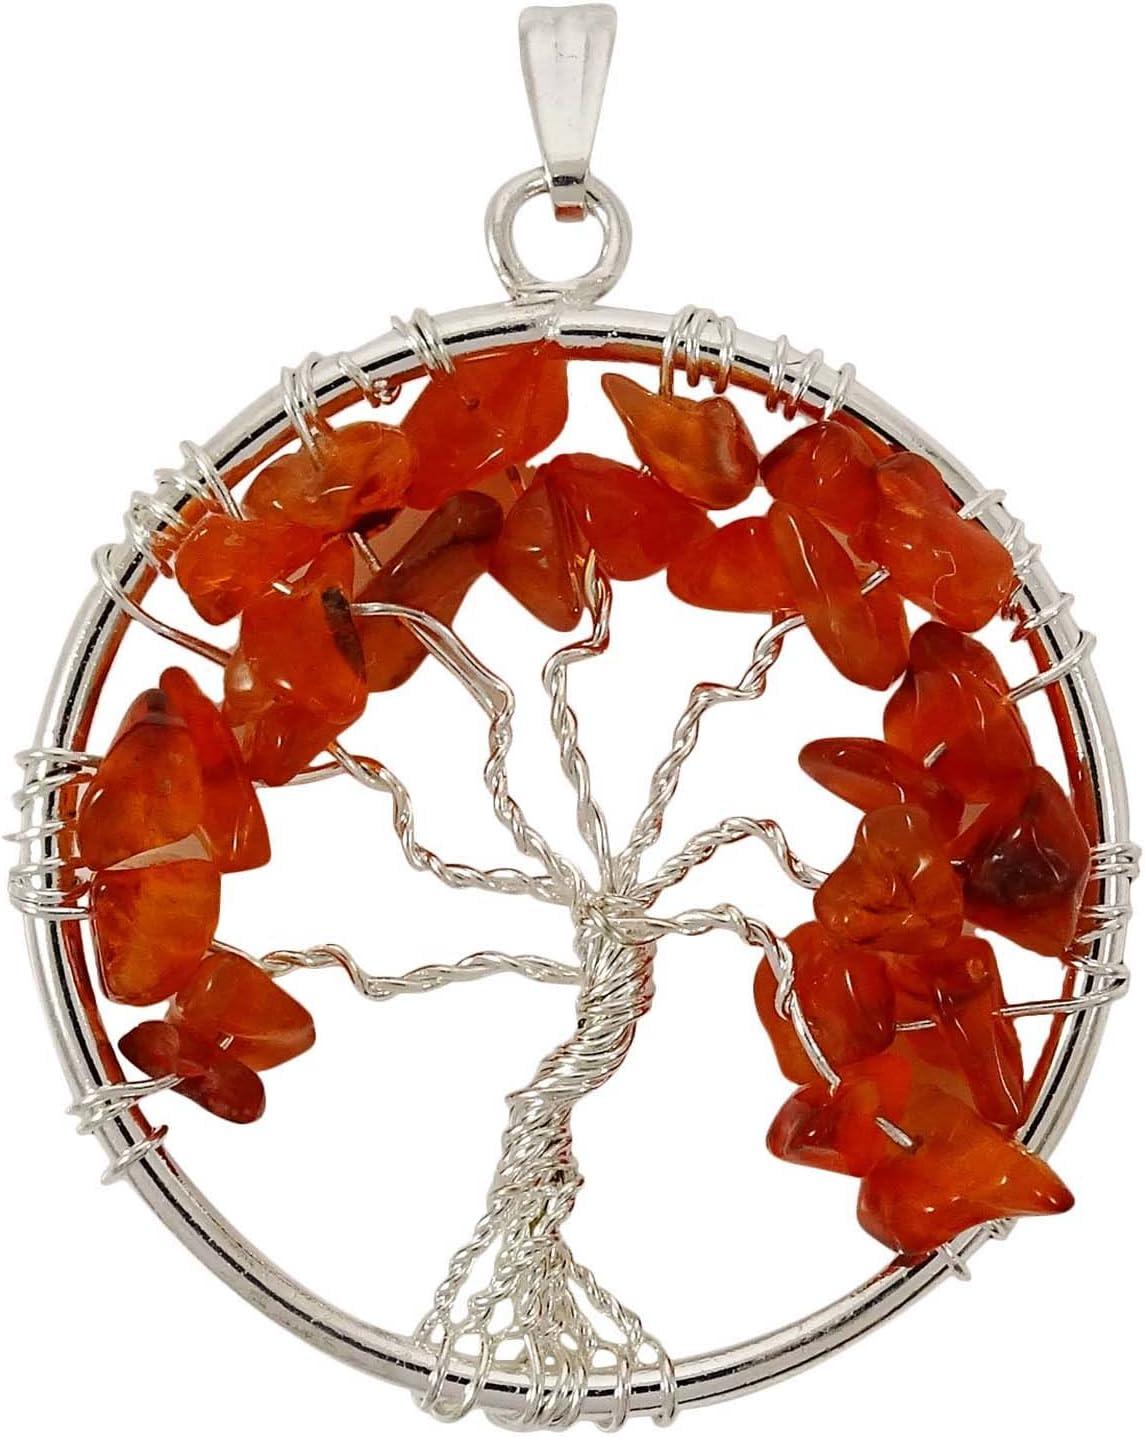 Harmonize Árbol cornalina de la Cura de Cristal Colgante Vida Chakra Chips Reiki Piedras Preciosas Don Espiritual